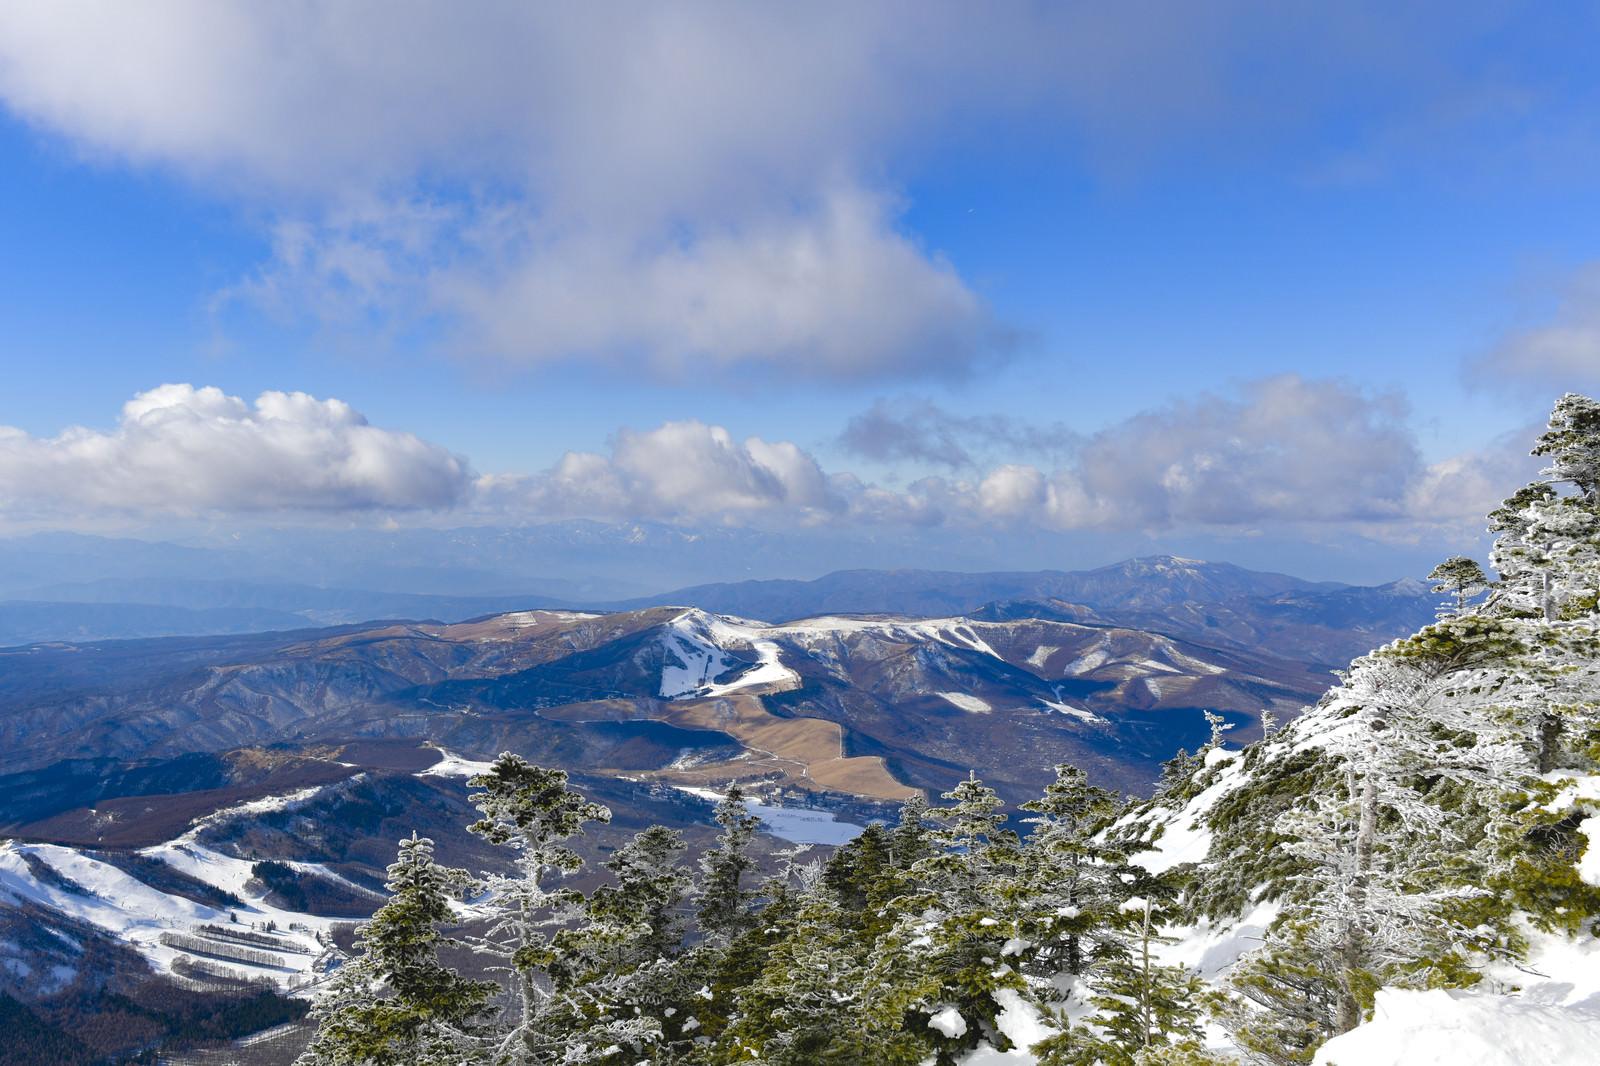 「蓼科山から見える霧ヶ峰と美ヶ原方面」の写真